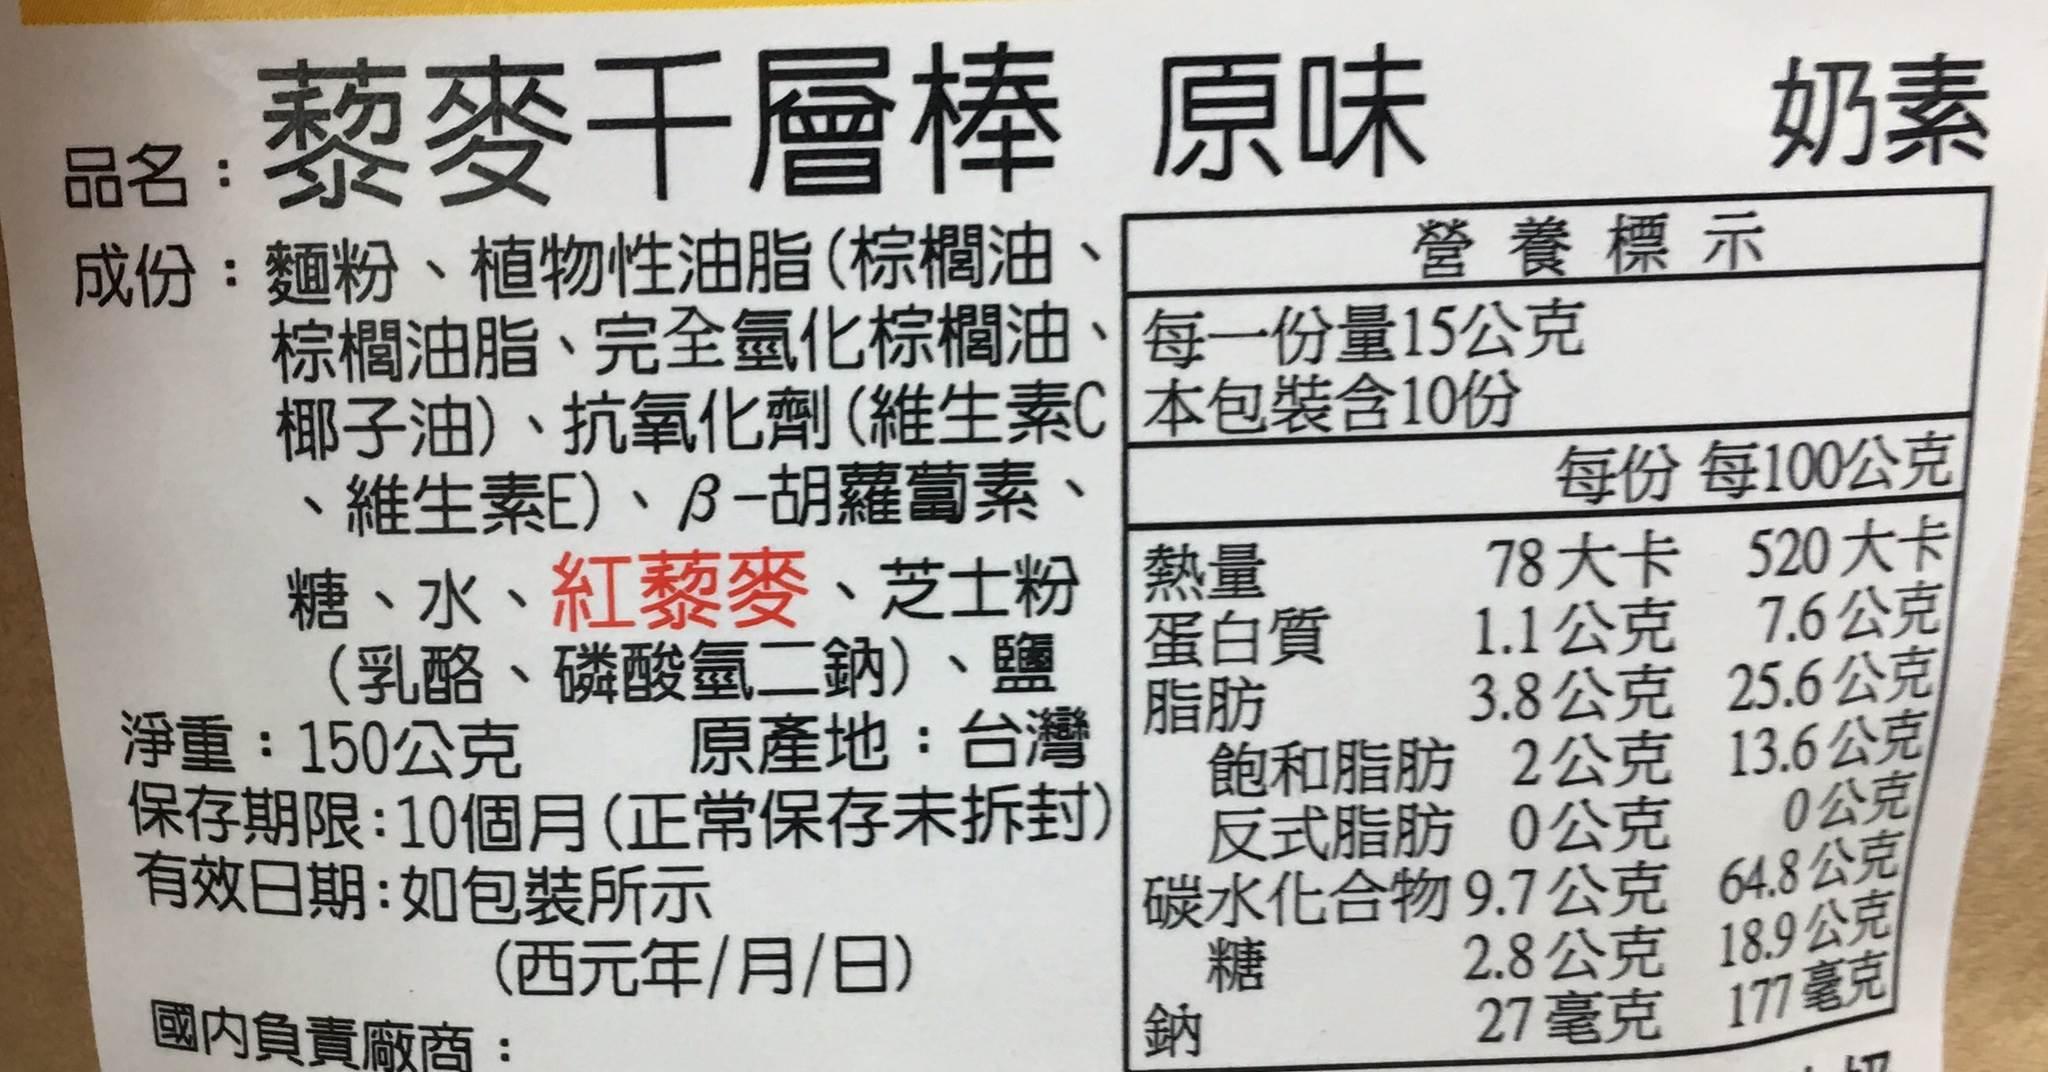 MIT 台灣 藜麥千層棒 原味 10入 奶素